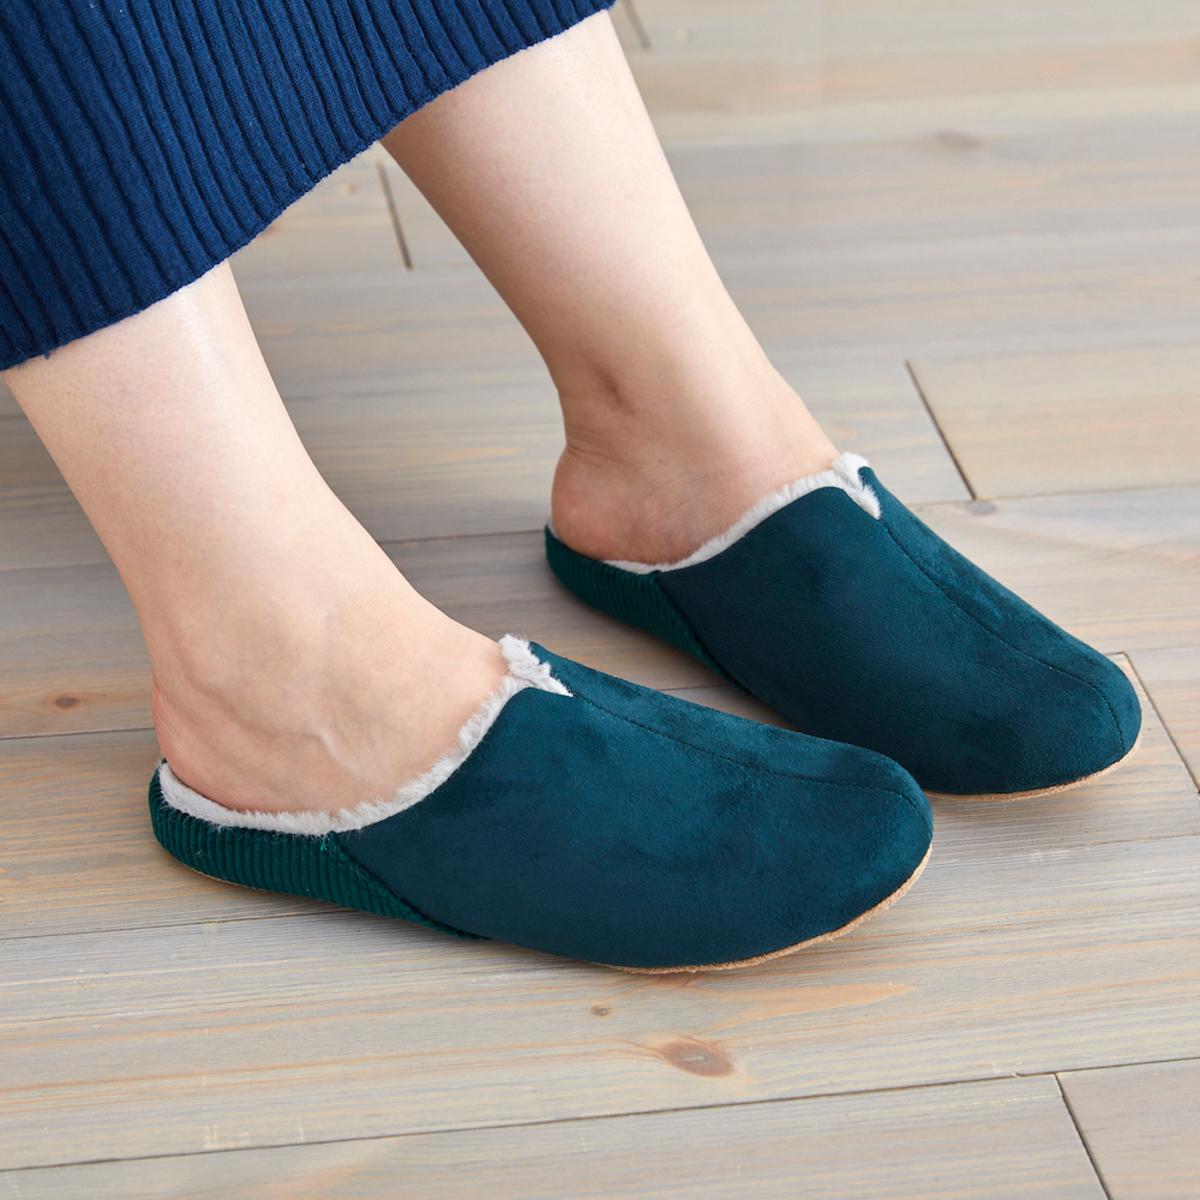 寒い日も、スキップしたくなる『スリッパ』|靴の製法でつくったから、ボアつきでも歩きやすい